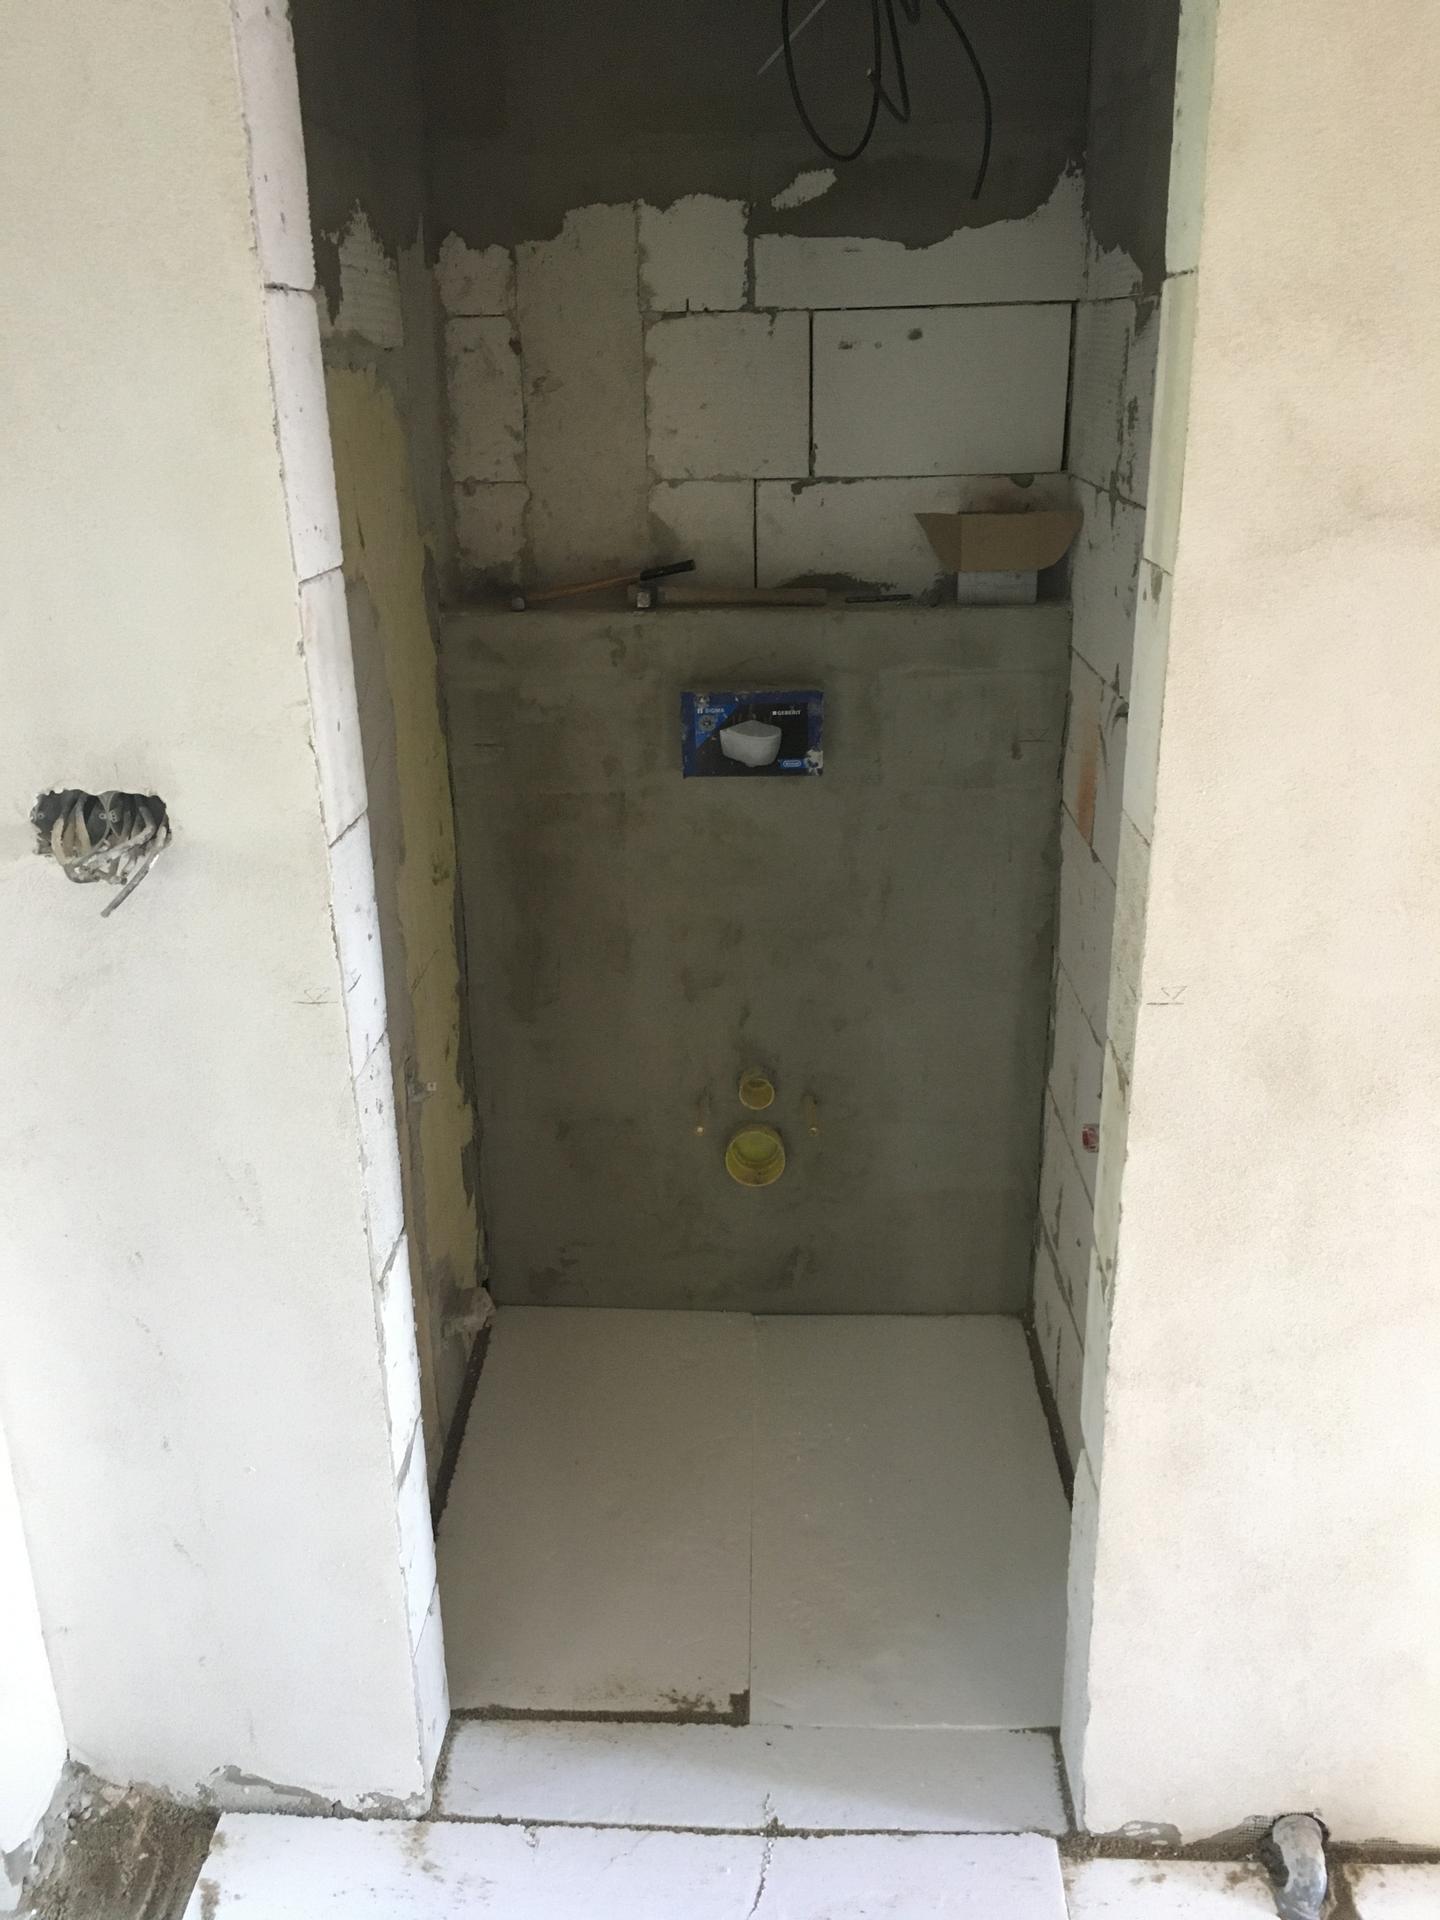 Rekonstrukce 🏡 20/21 - Zazděn WC modul